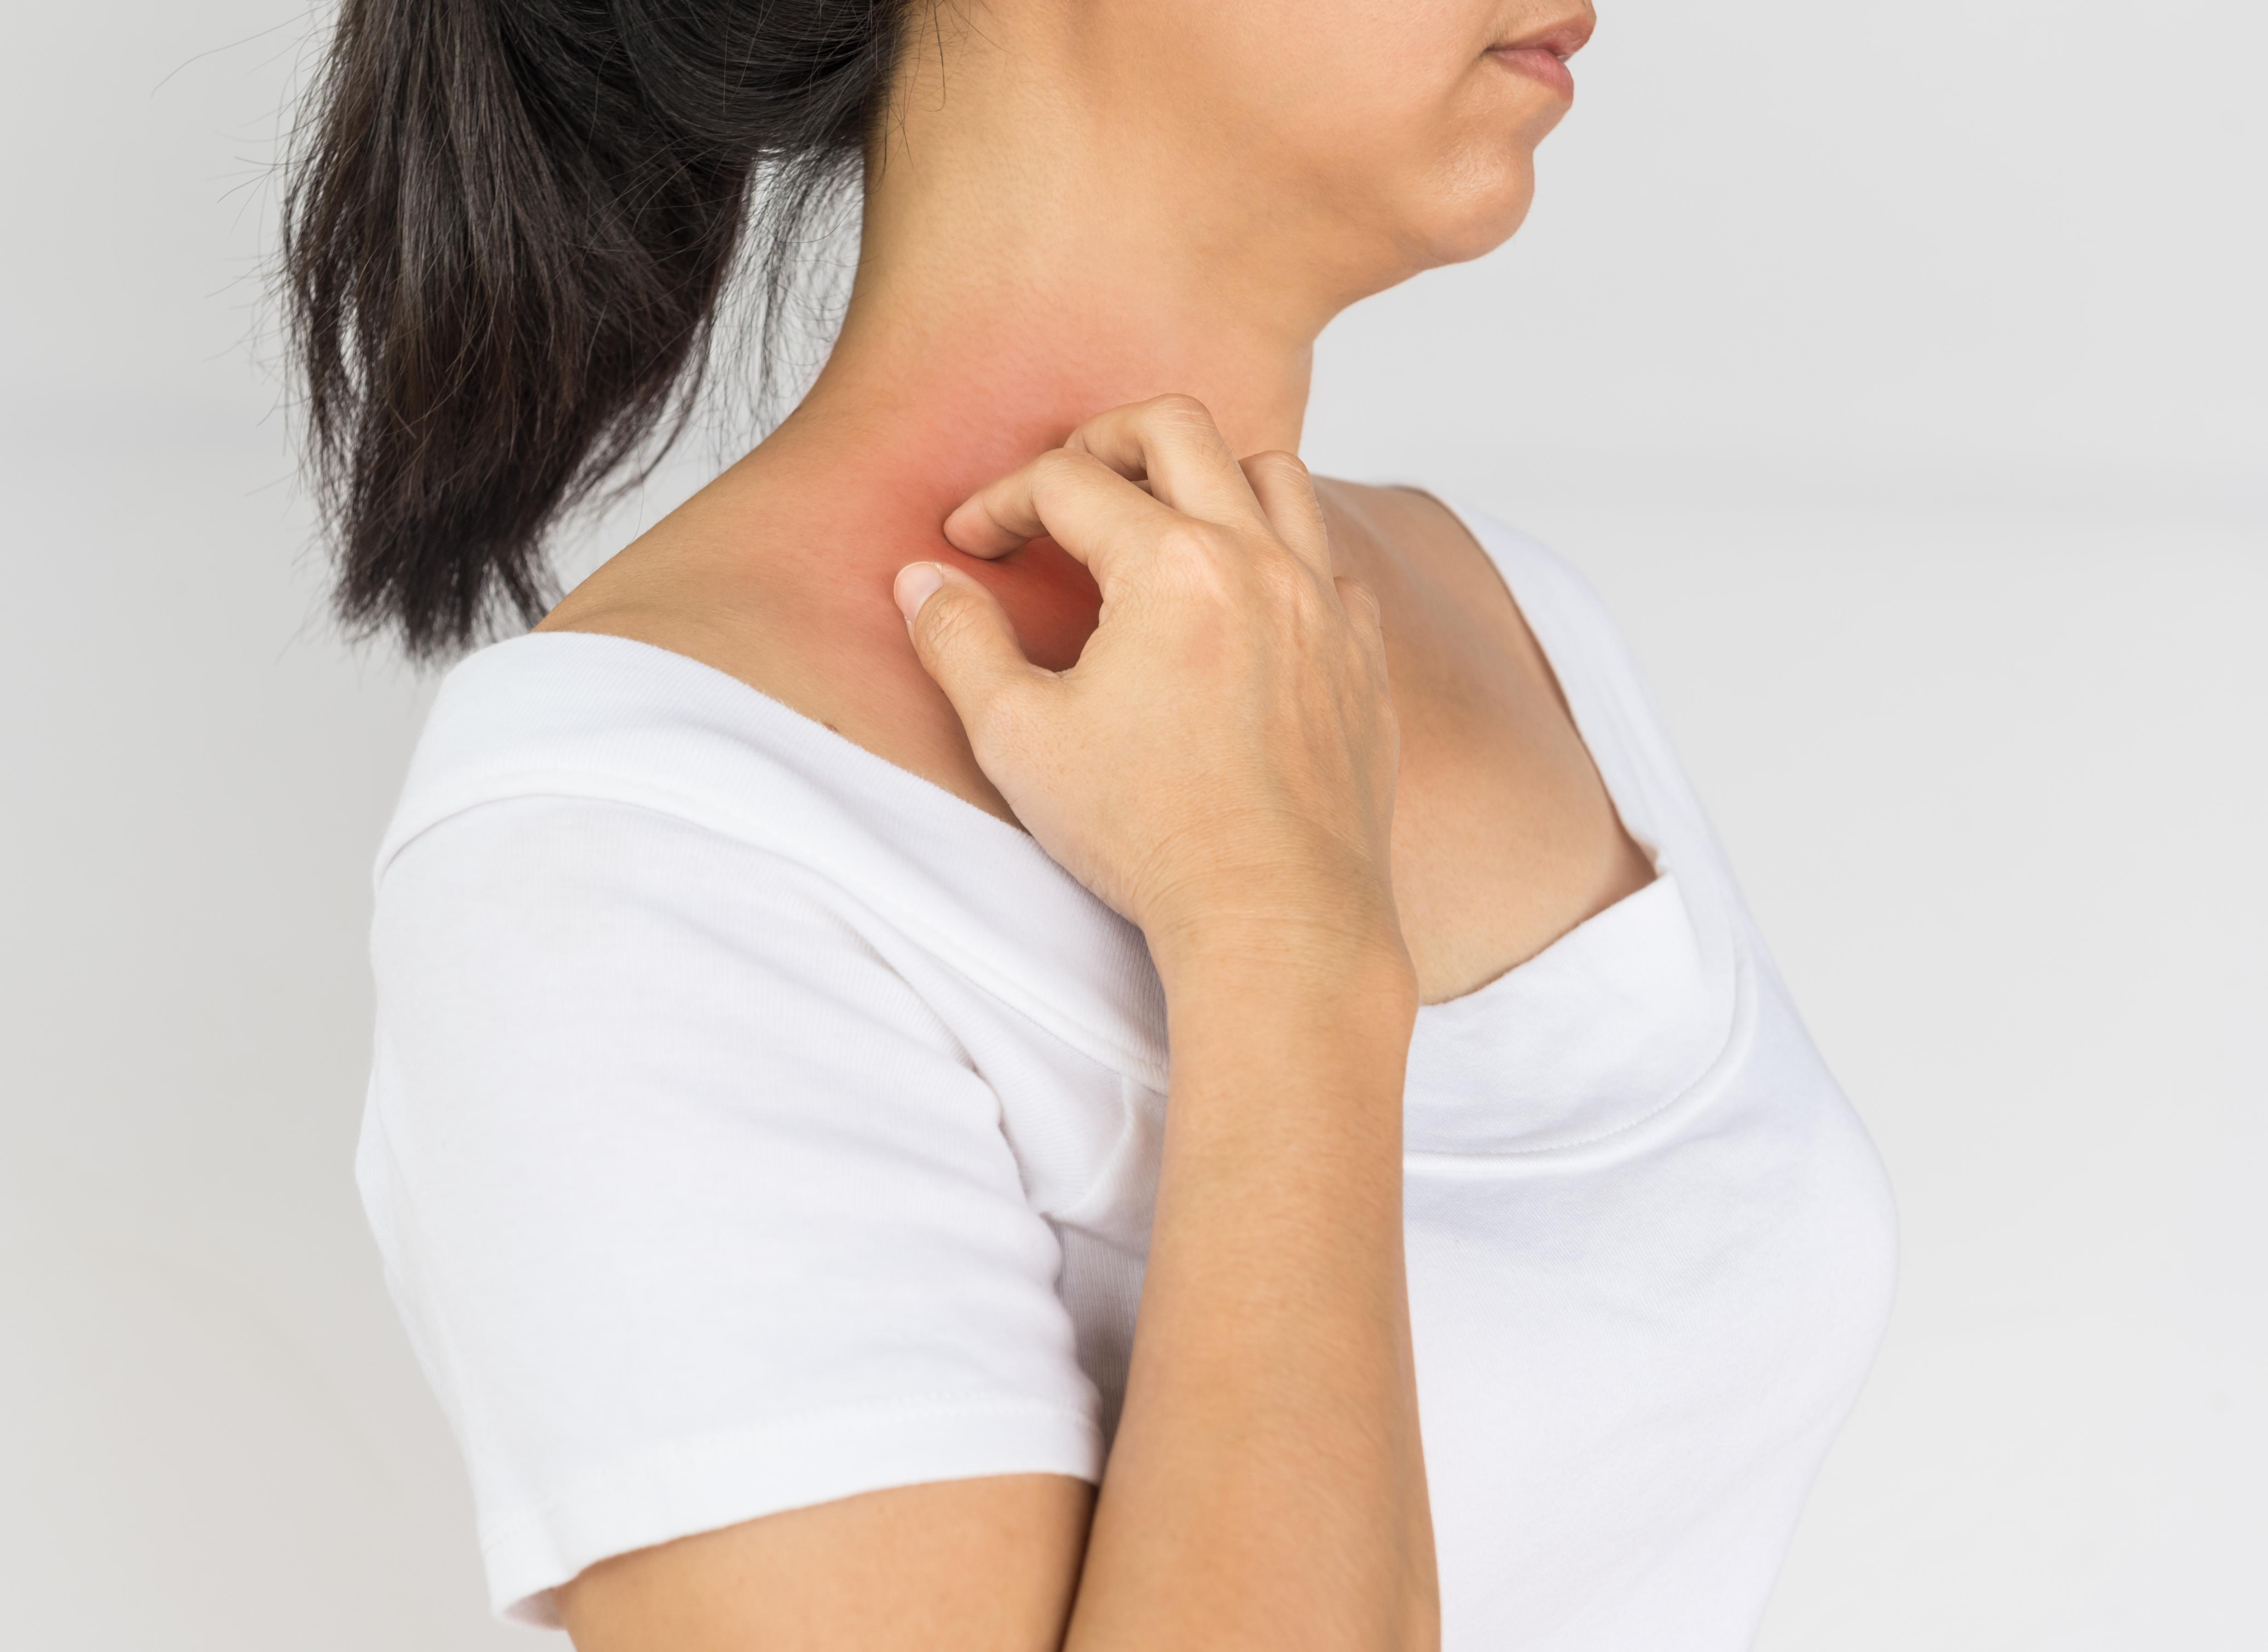 miért van egy piros folt a nyakon és viszket vörös foltok jelentek meg az ujjakon és viszkettek